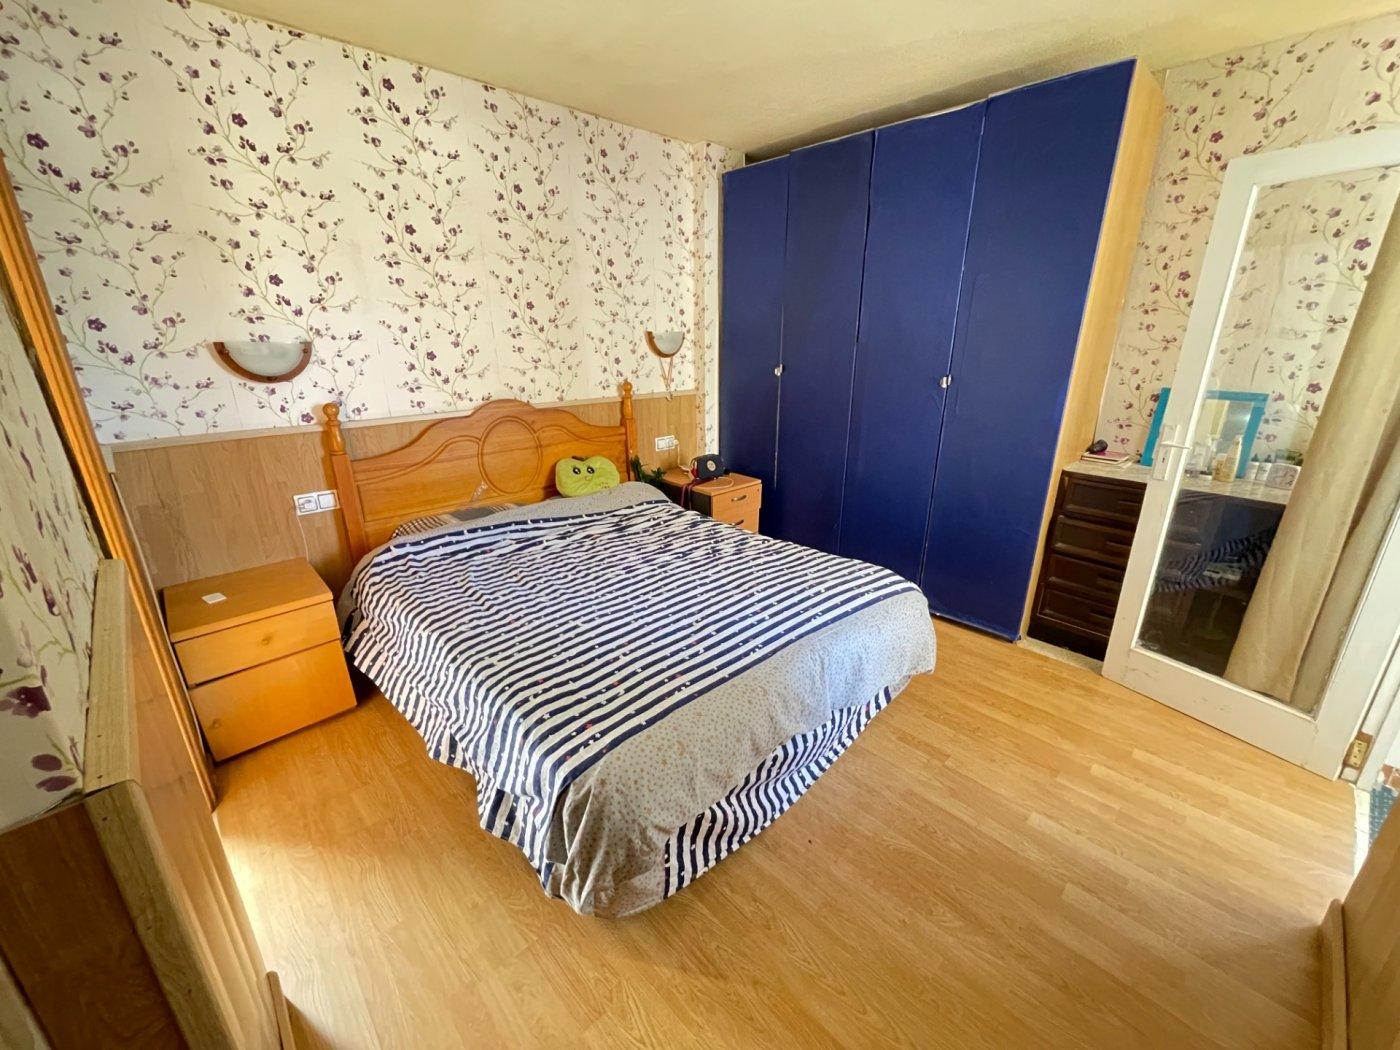 Se vende piso de dos dormitorios con piscina y parking comunitaria - imagenInmueble7